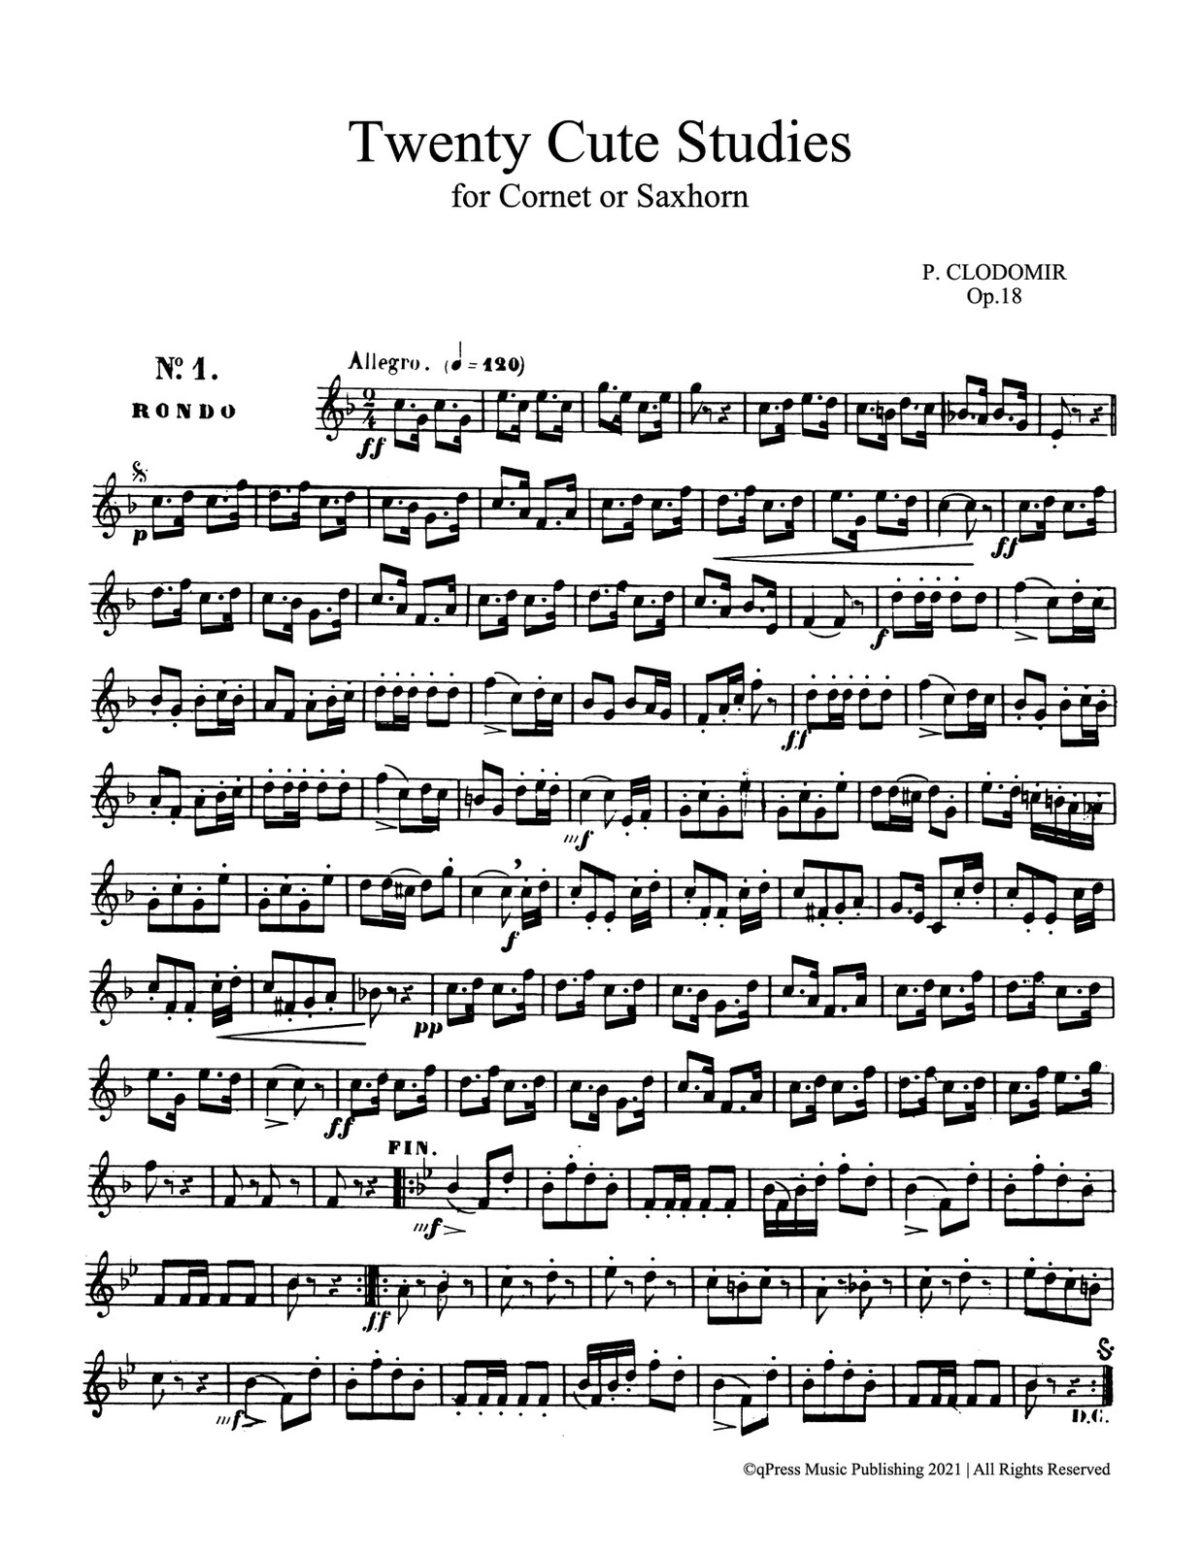 Clodomir, Modern Trumpet School 3, 20 Cute Studies-p02